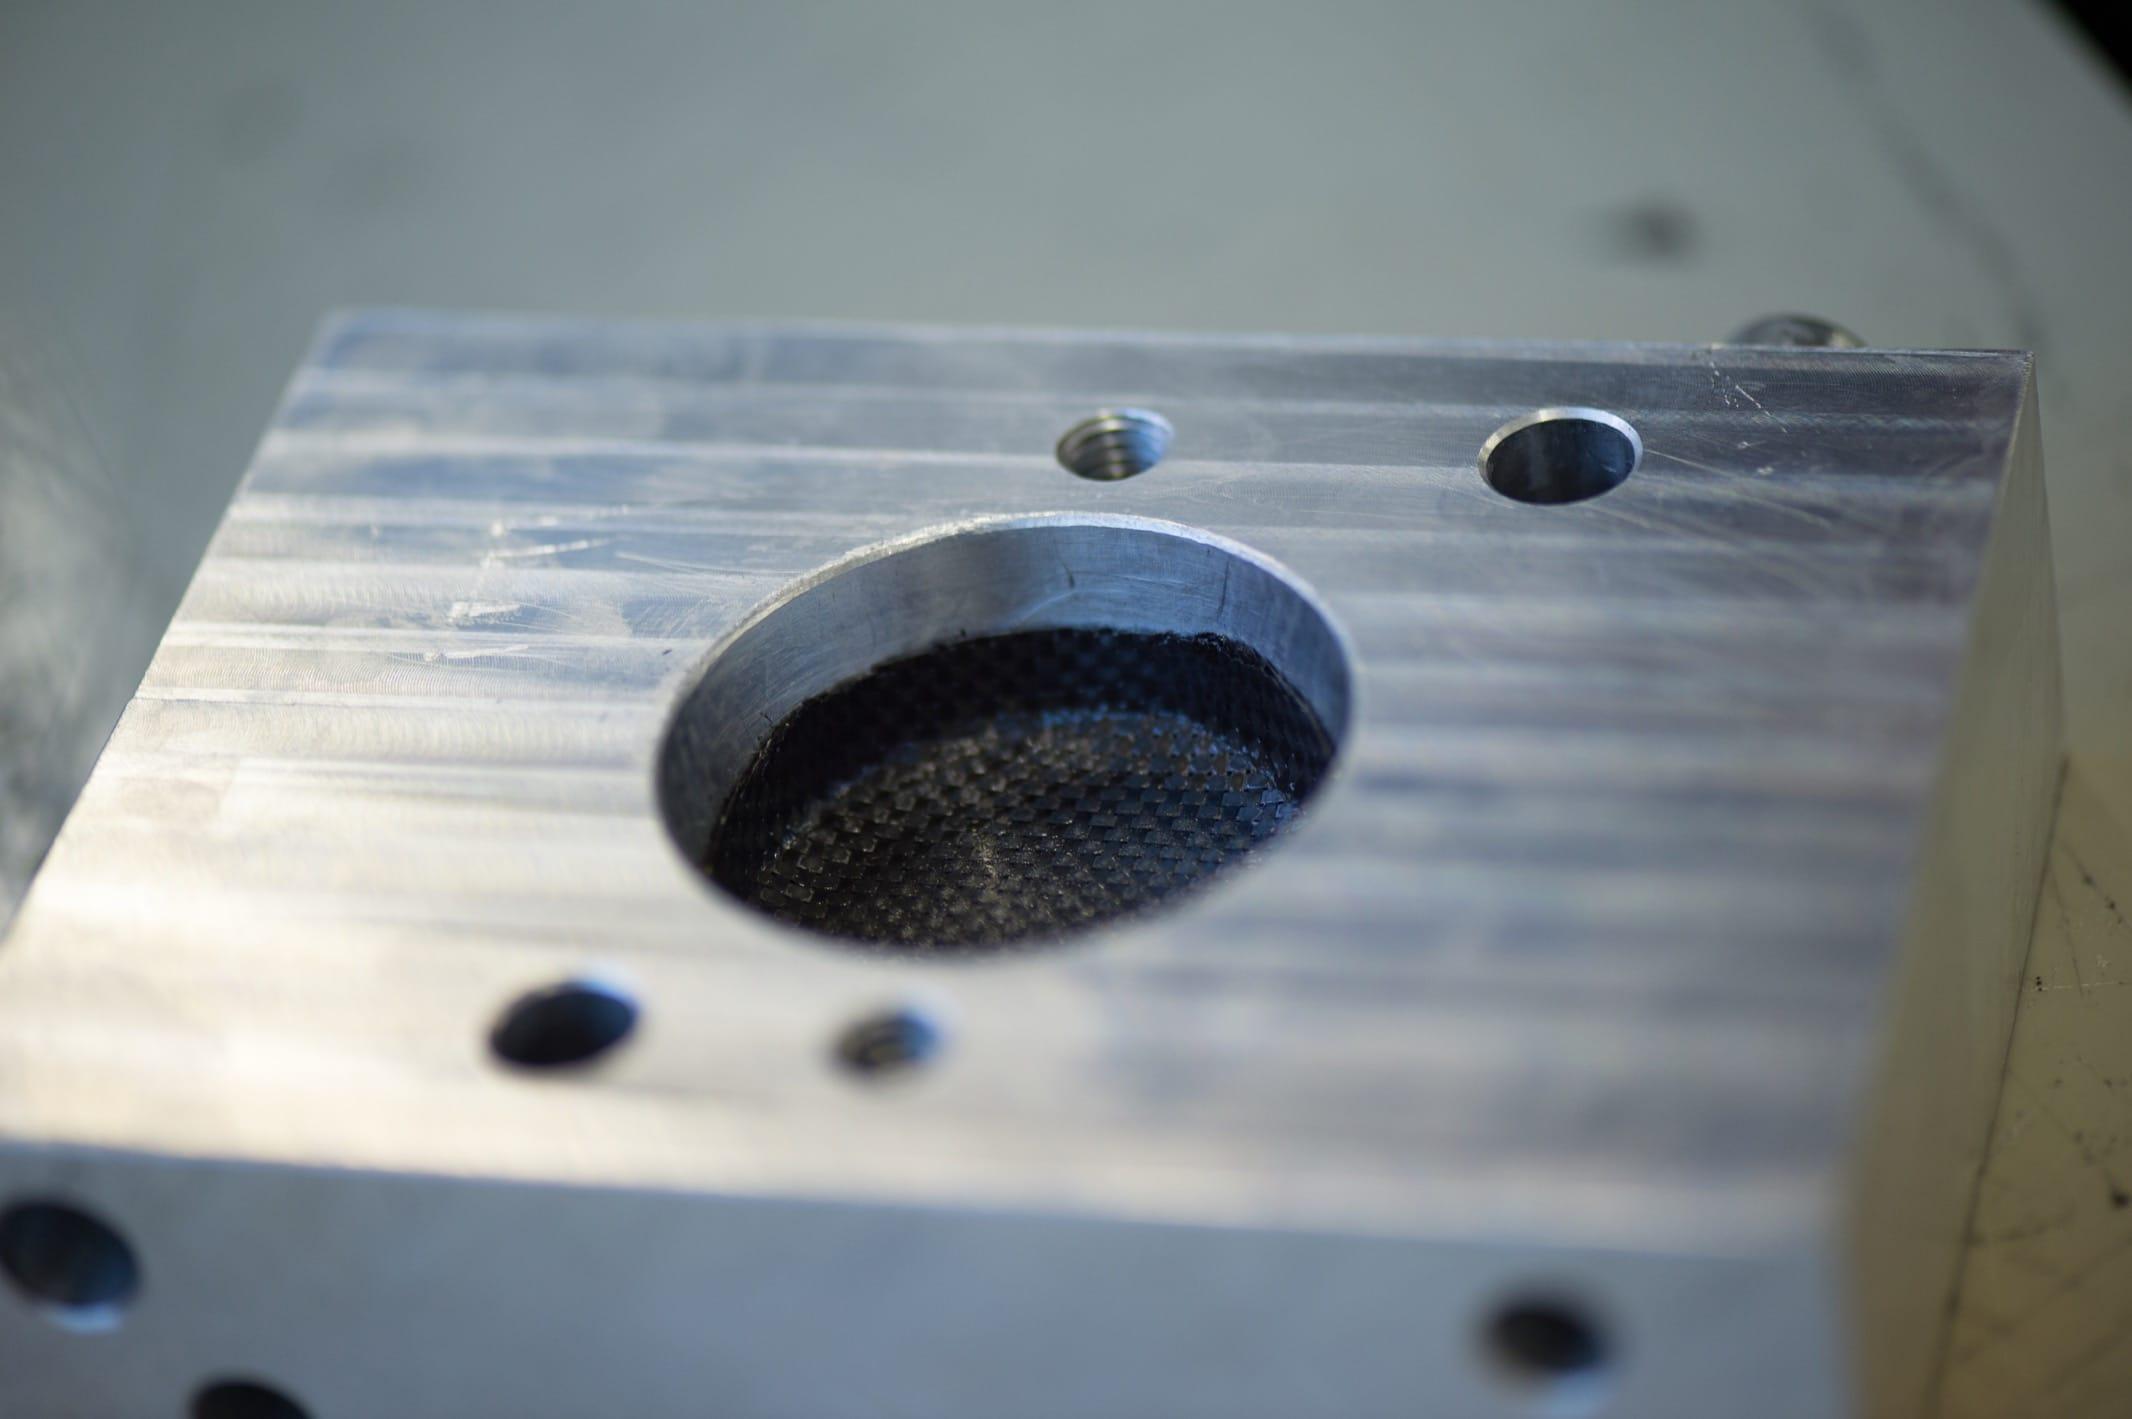 Erste Schicht Prepreg-Karbongewebe, in die Negativpressform der Lünette eingelegt.